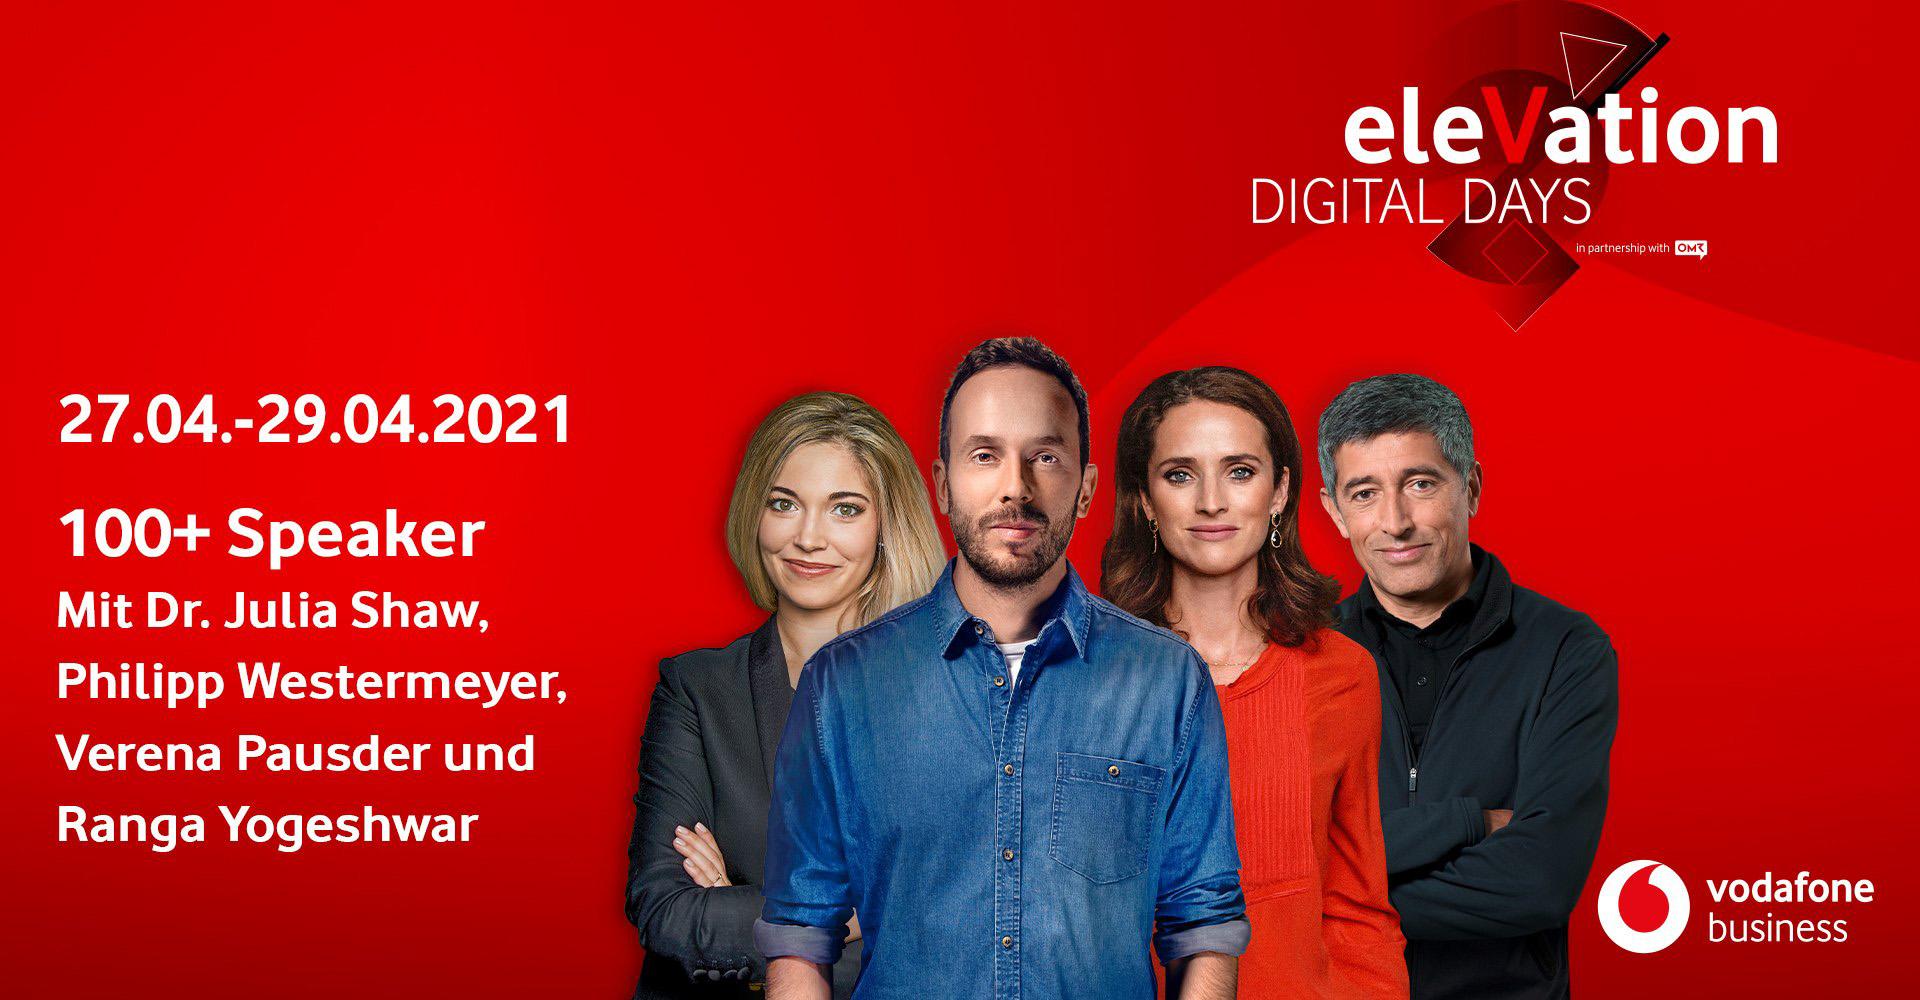 Vier der Sprecher auf den Vodafone eleVation DIGITAL DAYS